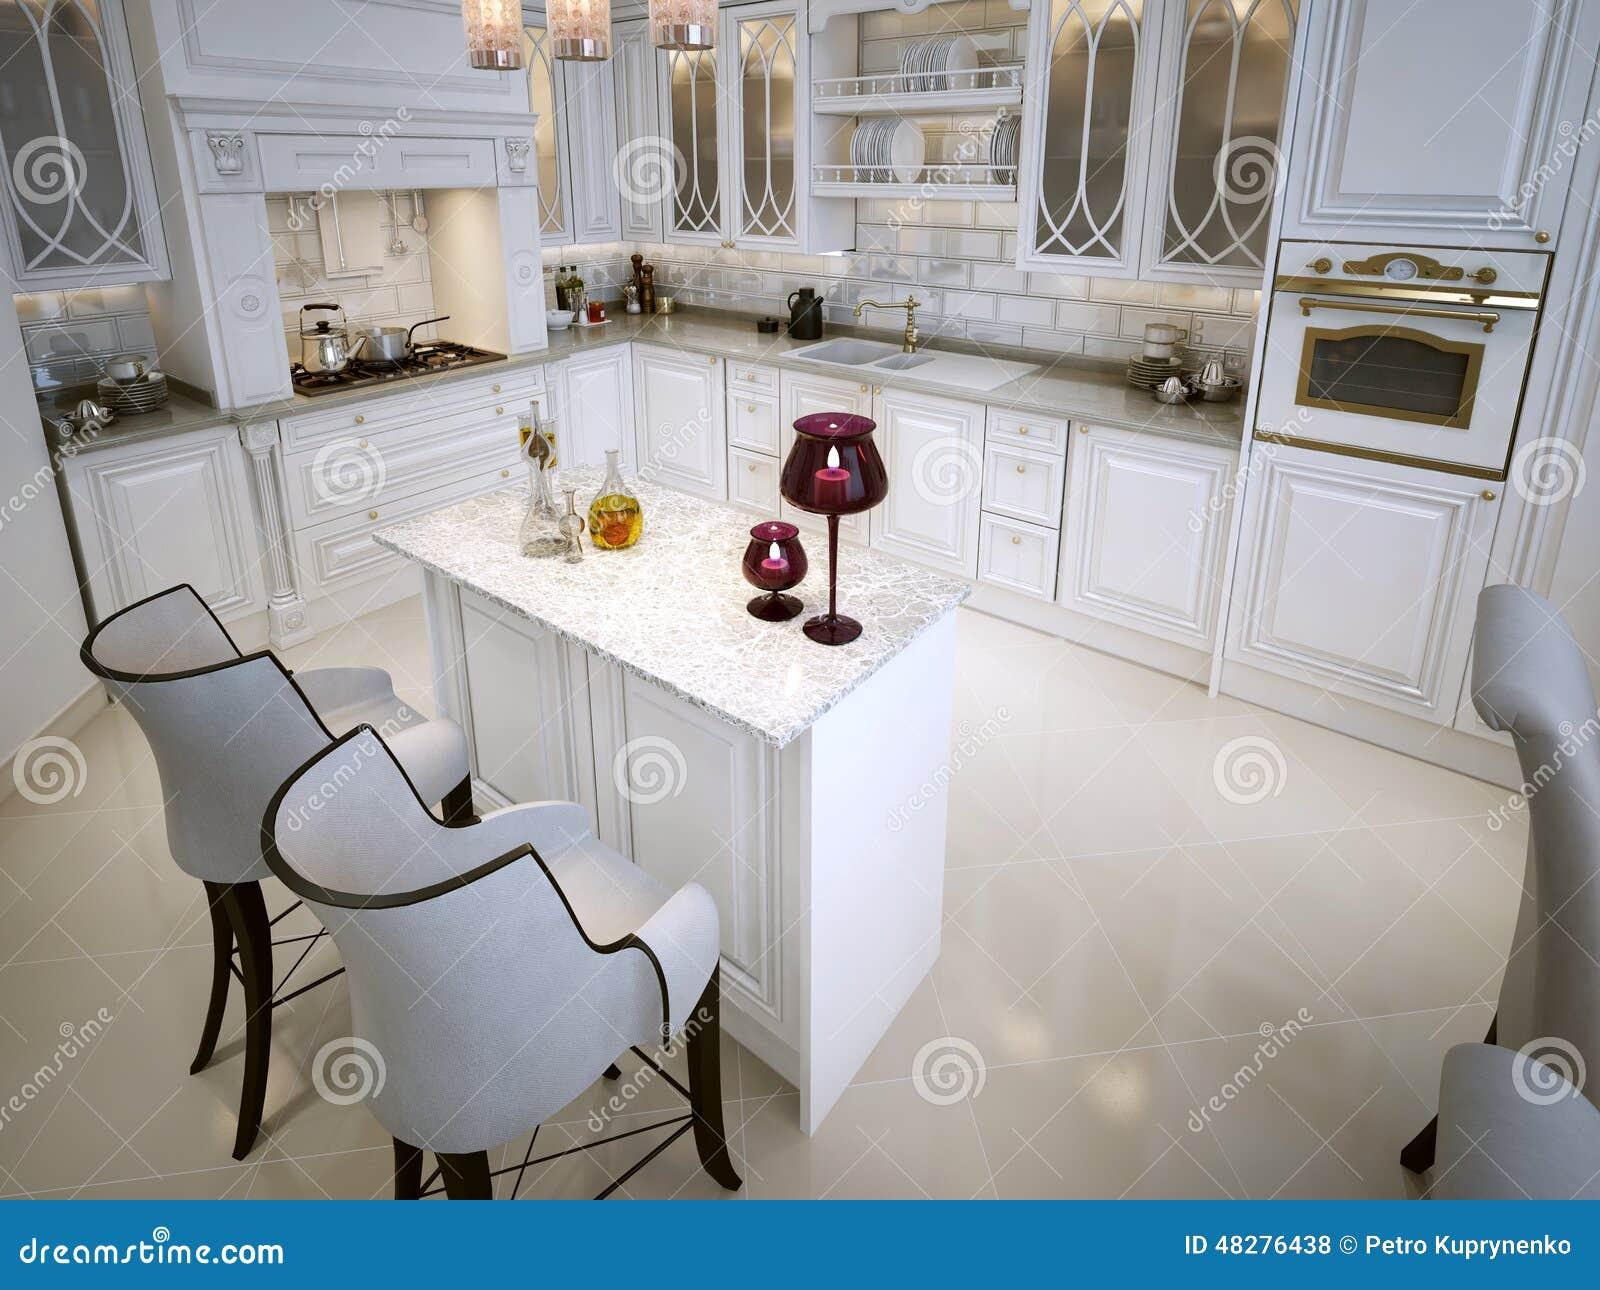 Cozinha No Estilo Clássico Ilustração Stock Imagem: 48276438 #82A328 1300 1065